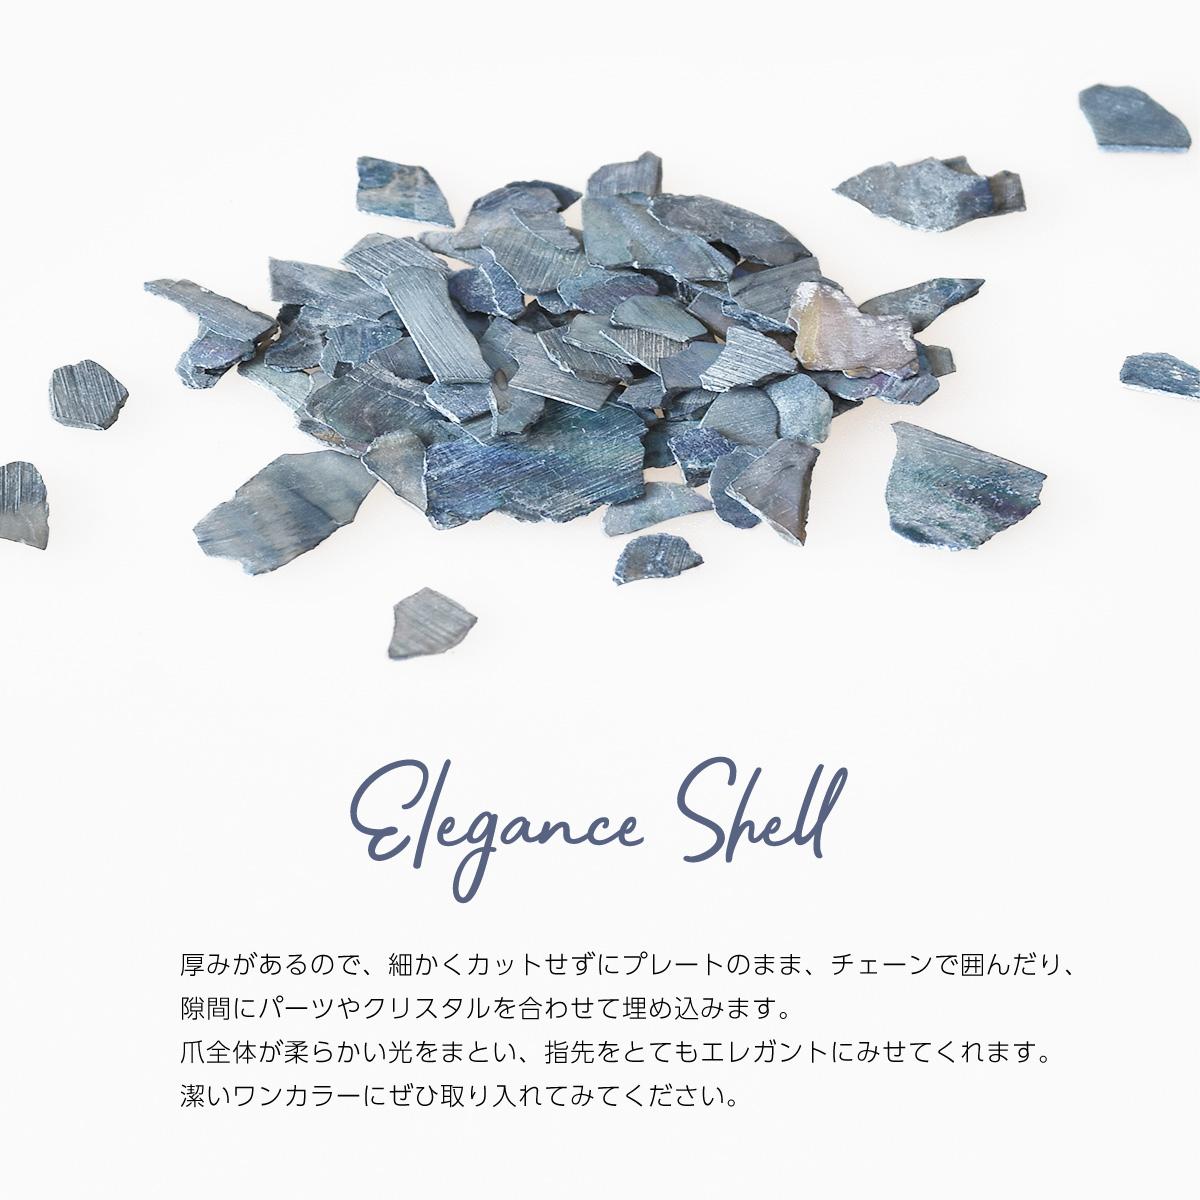 ボンネイル ジェルネイル パーツ アート 貝 シェル レジン@Bonnail×tati Style up Parts シェルパネル abyss _865337